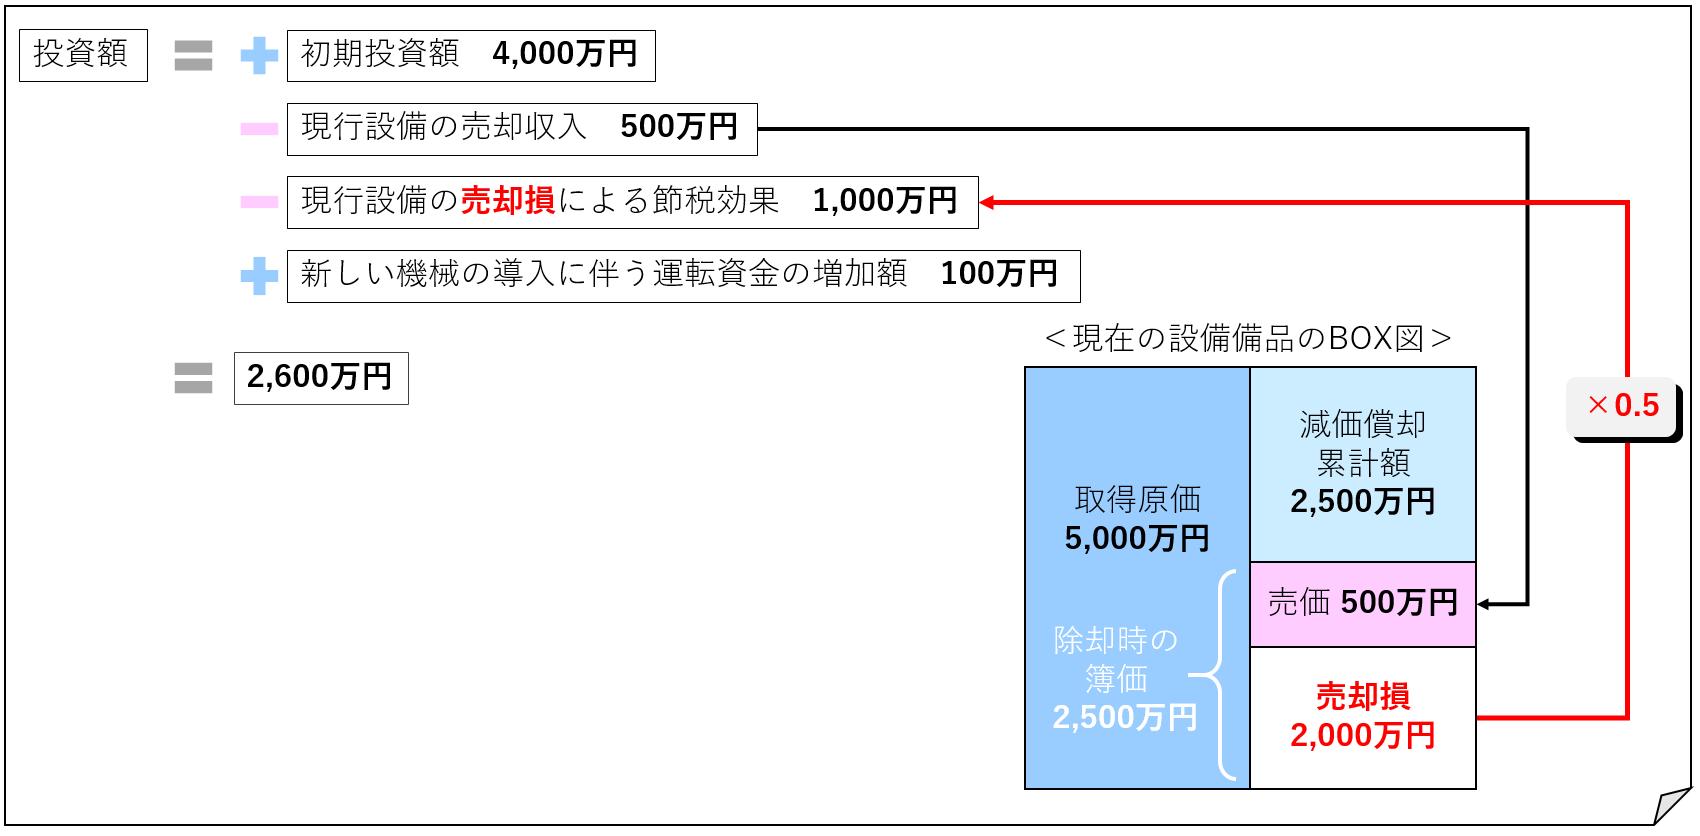 ③投資額(数字あり)